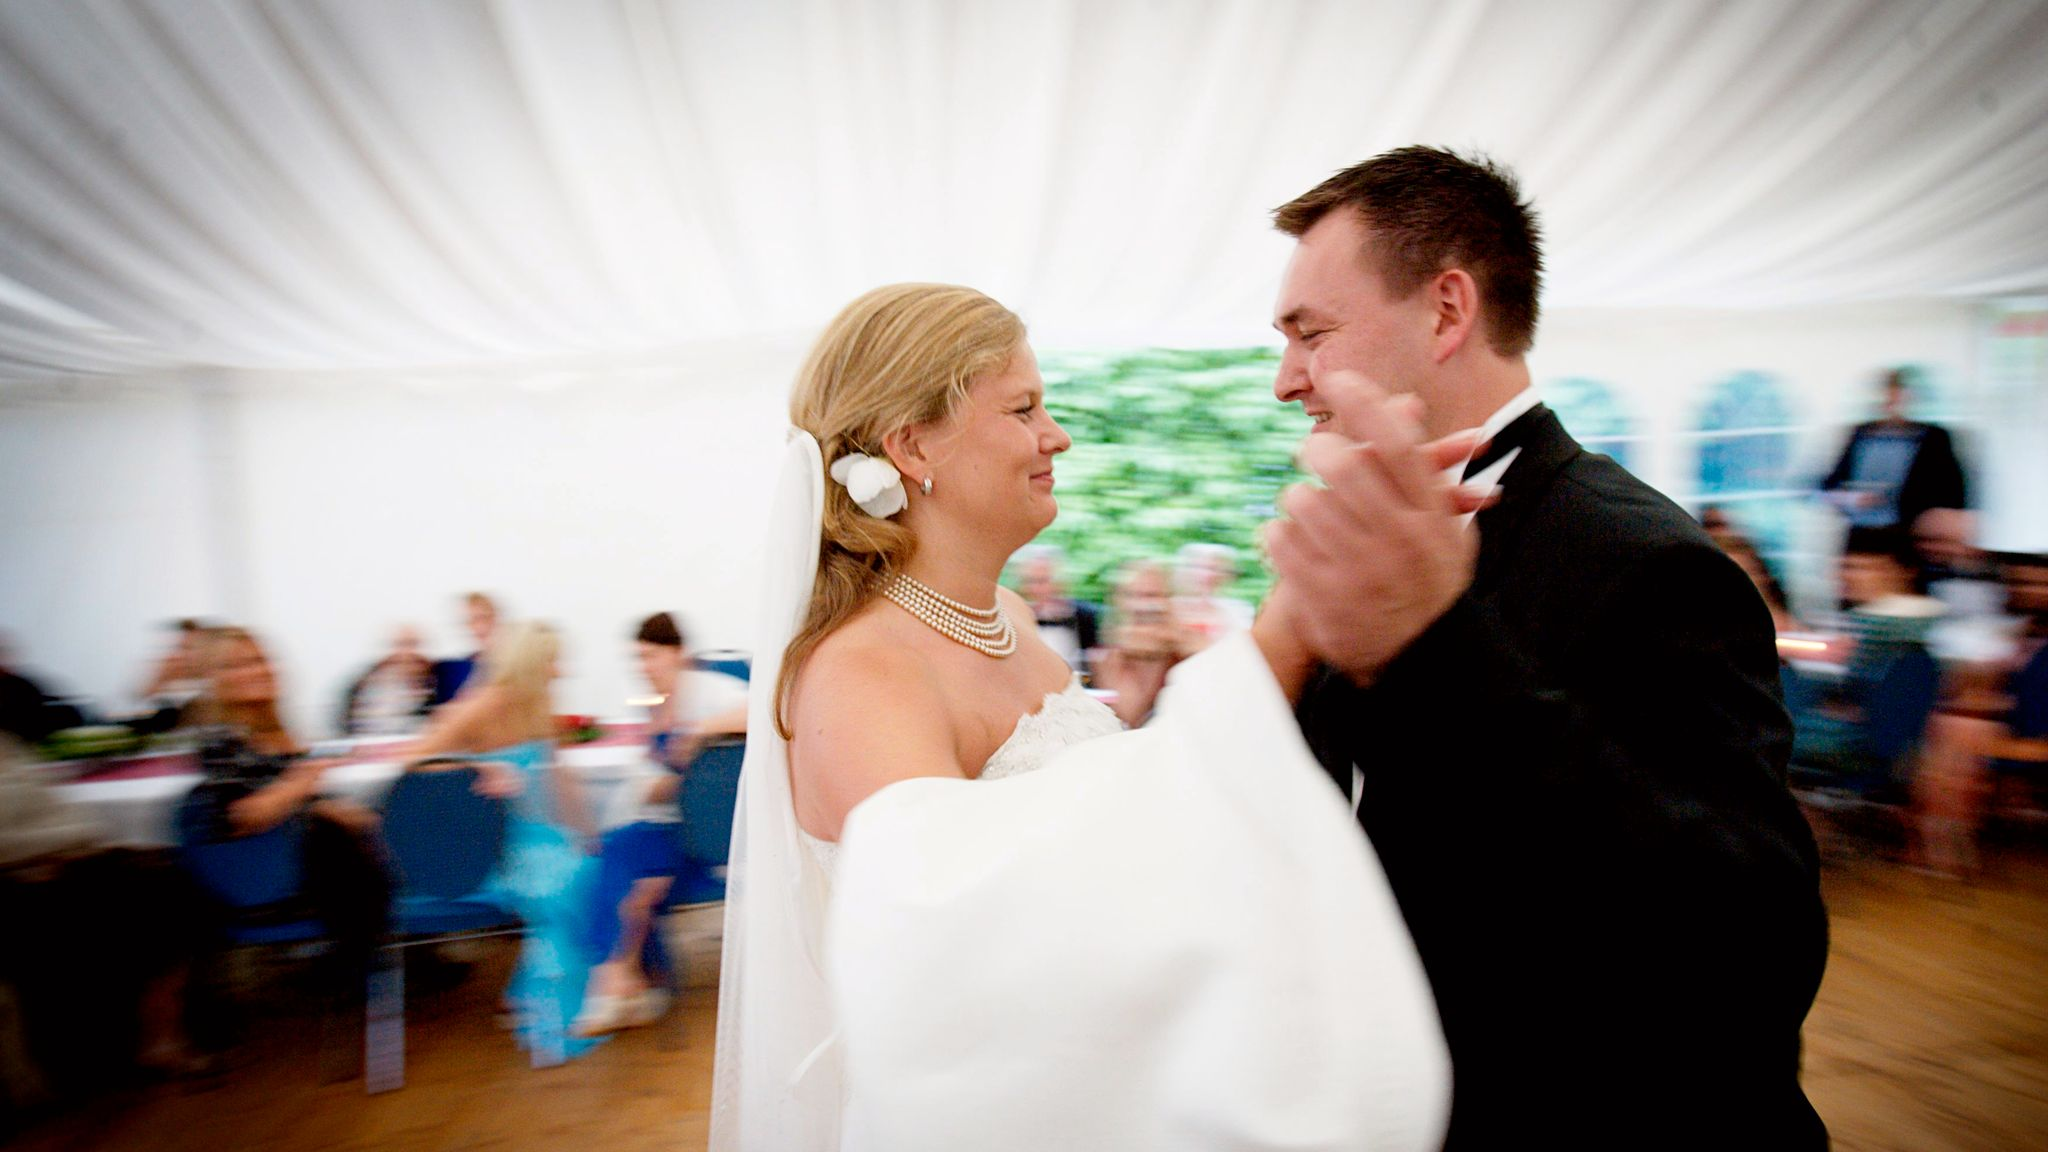 4f4fcc05 Slik får du et billigere, men ikke dårligere bryllup - Stavanger Aftenblad